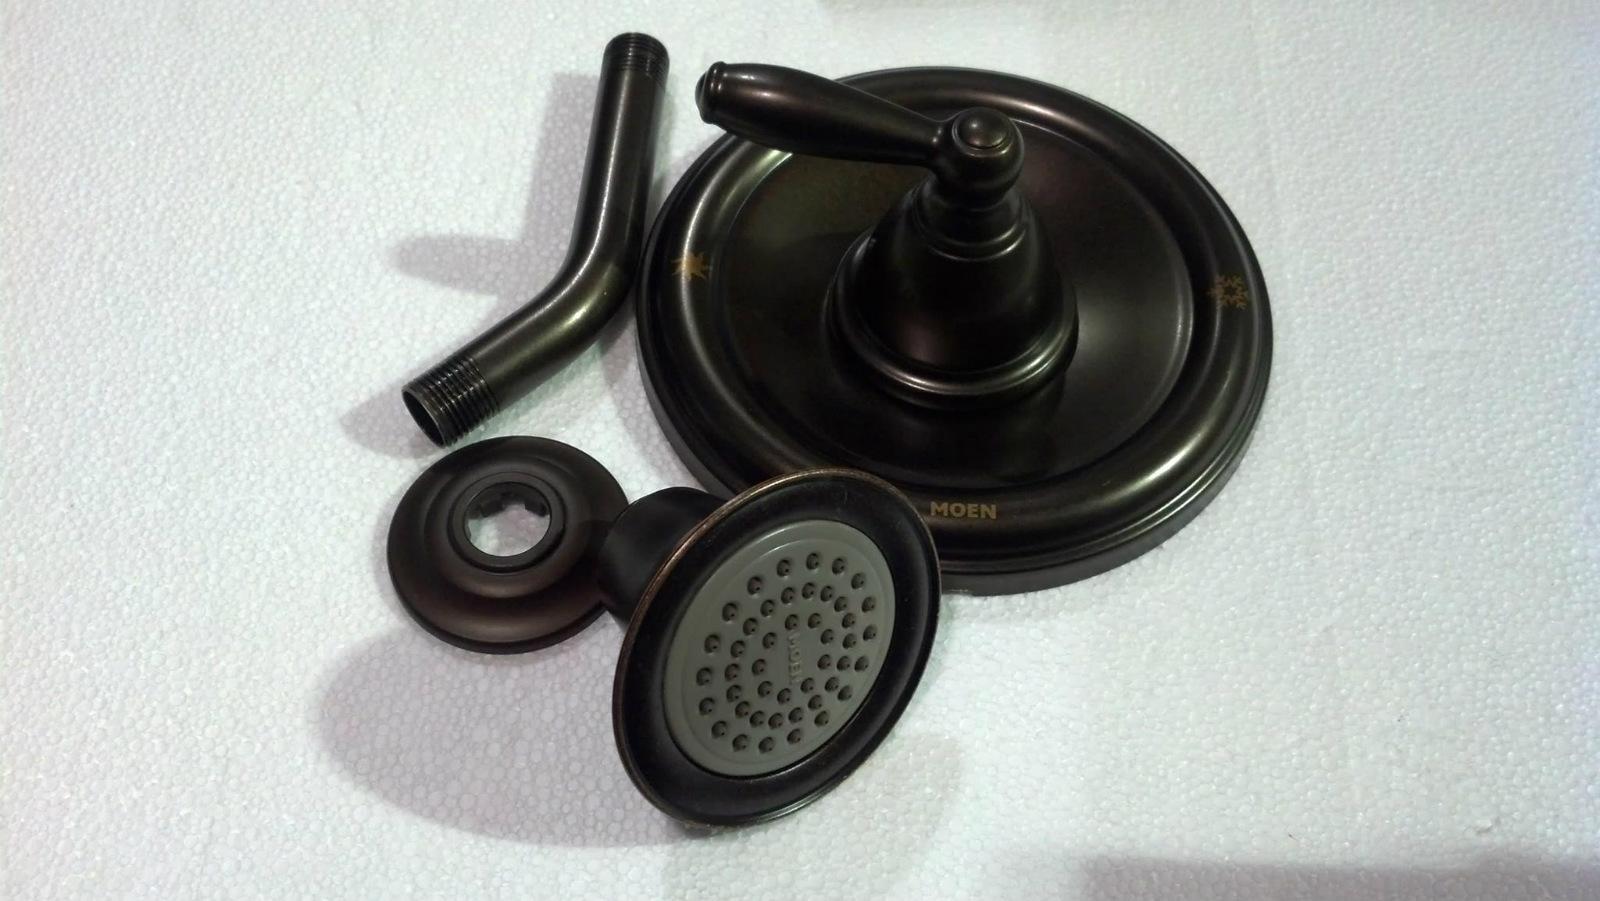 T2152orb Moen T2153orb Parts List And Diagram Ereplacementpartscom Brantford Positemp Shower Faucet Oil